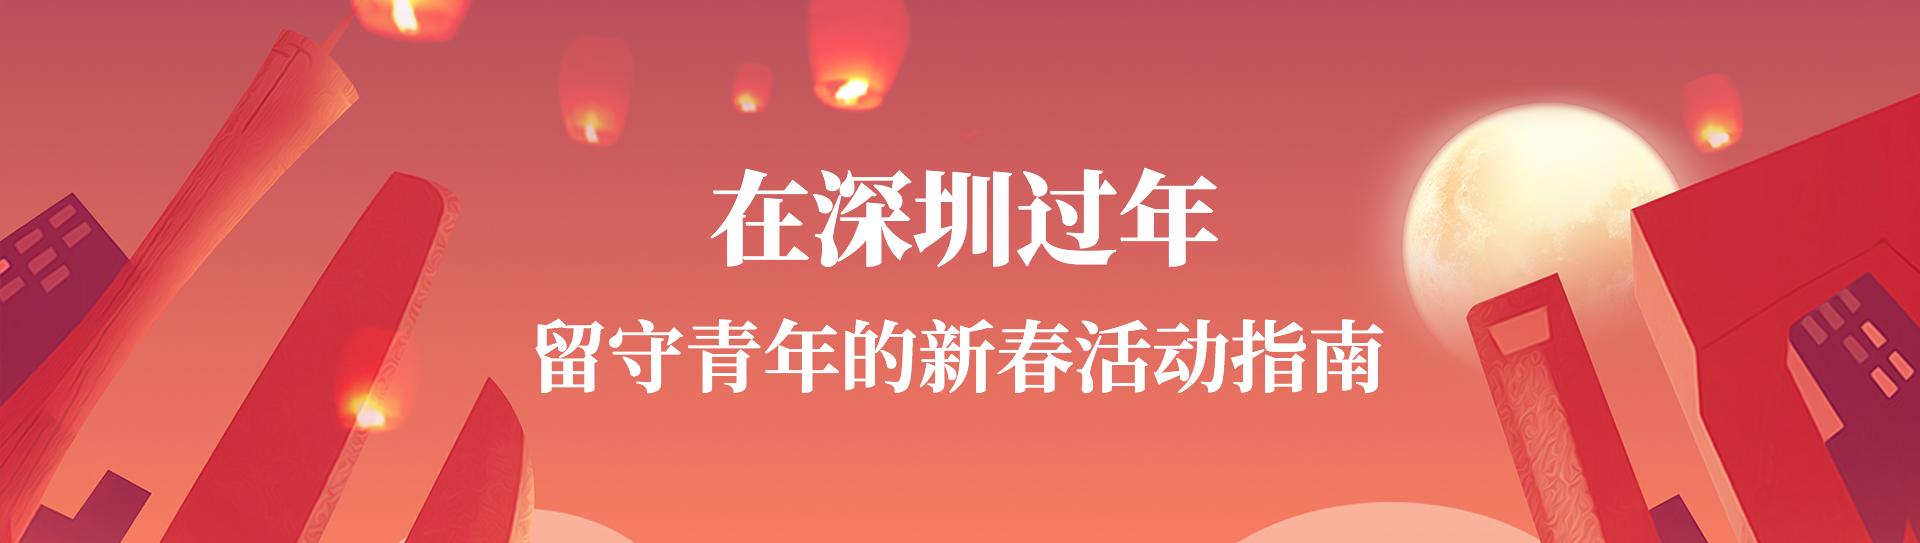 在深圳过年 - 留守青年的新春活动指南